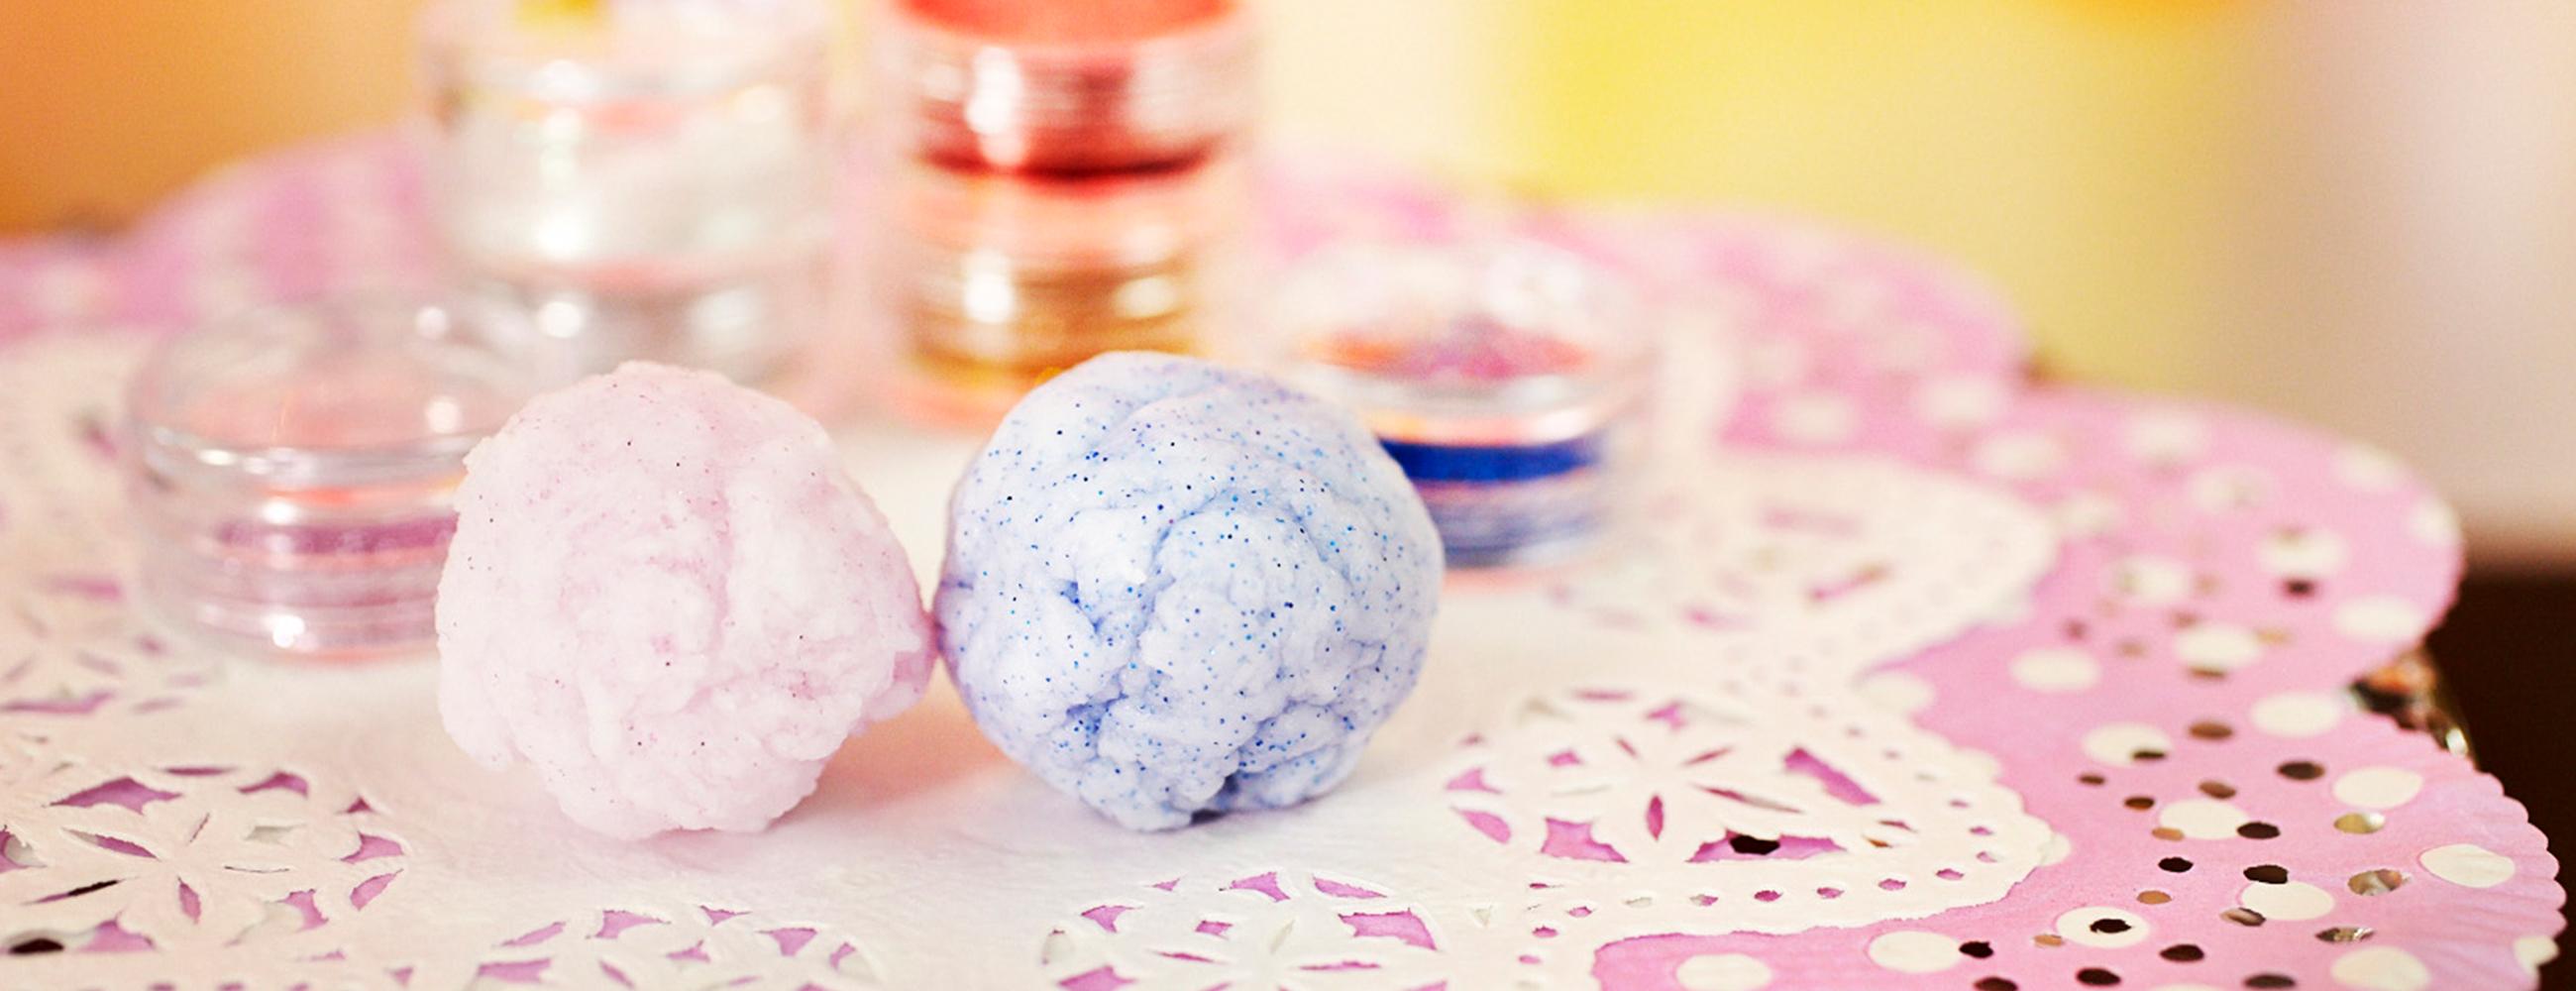 実験 塩を使って「スーパーボール」を作ろう